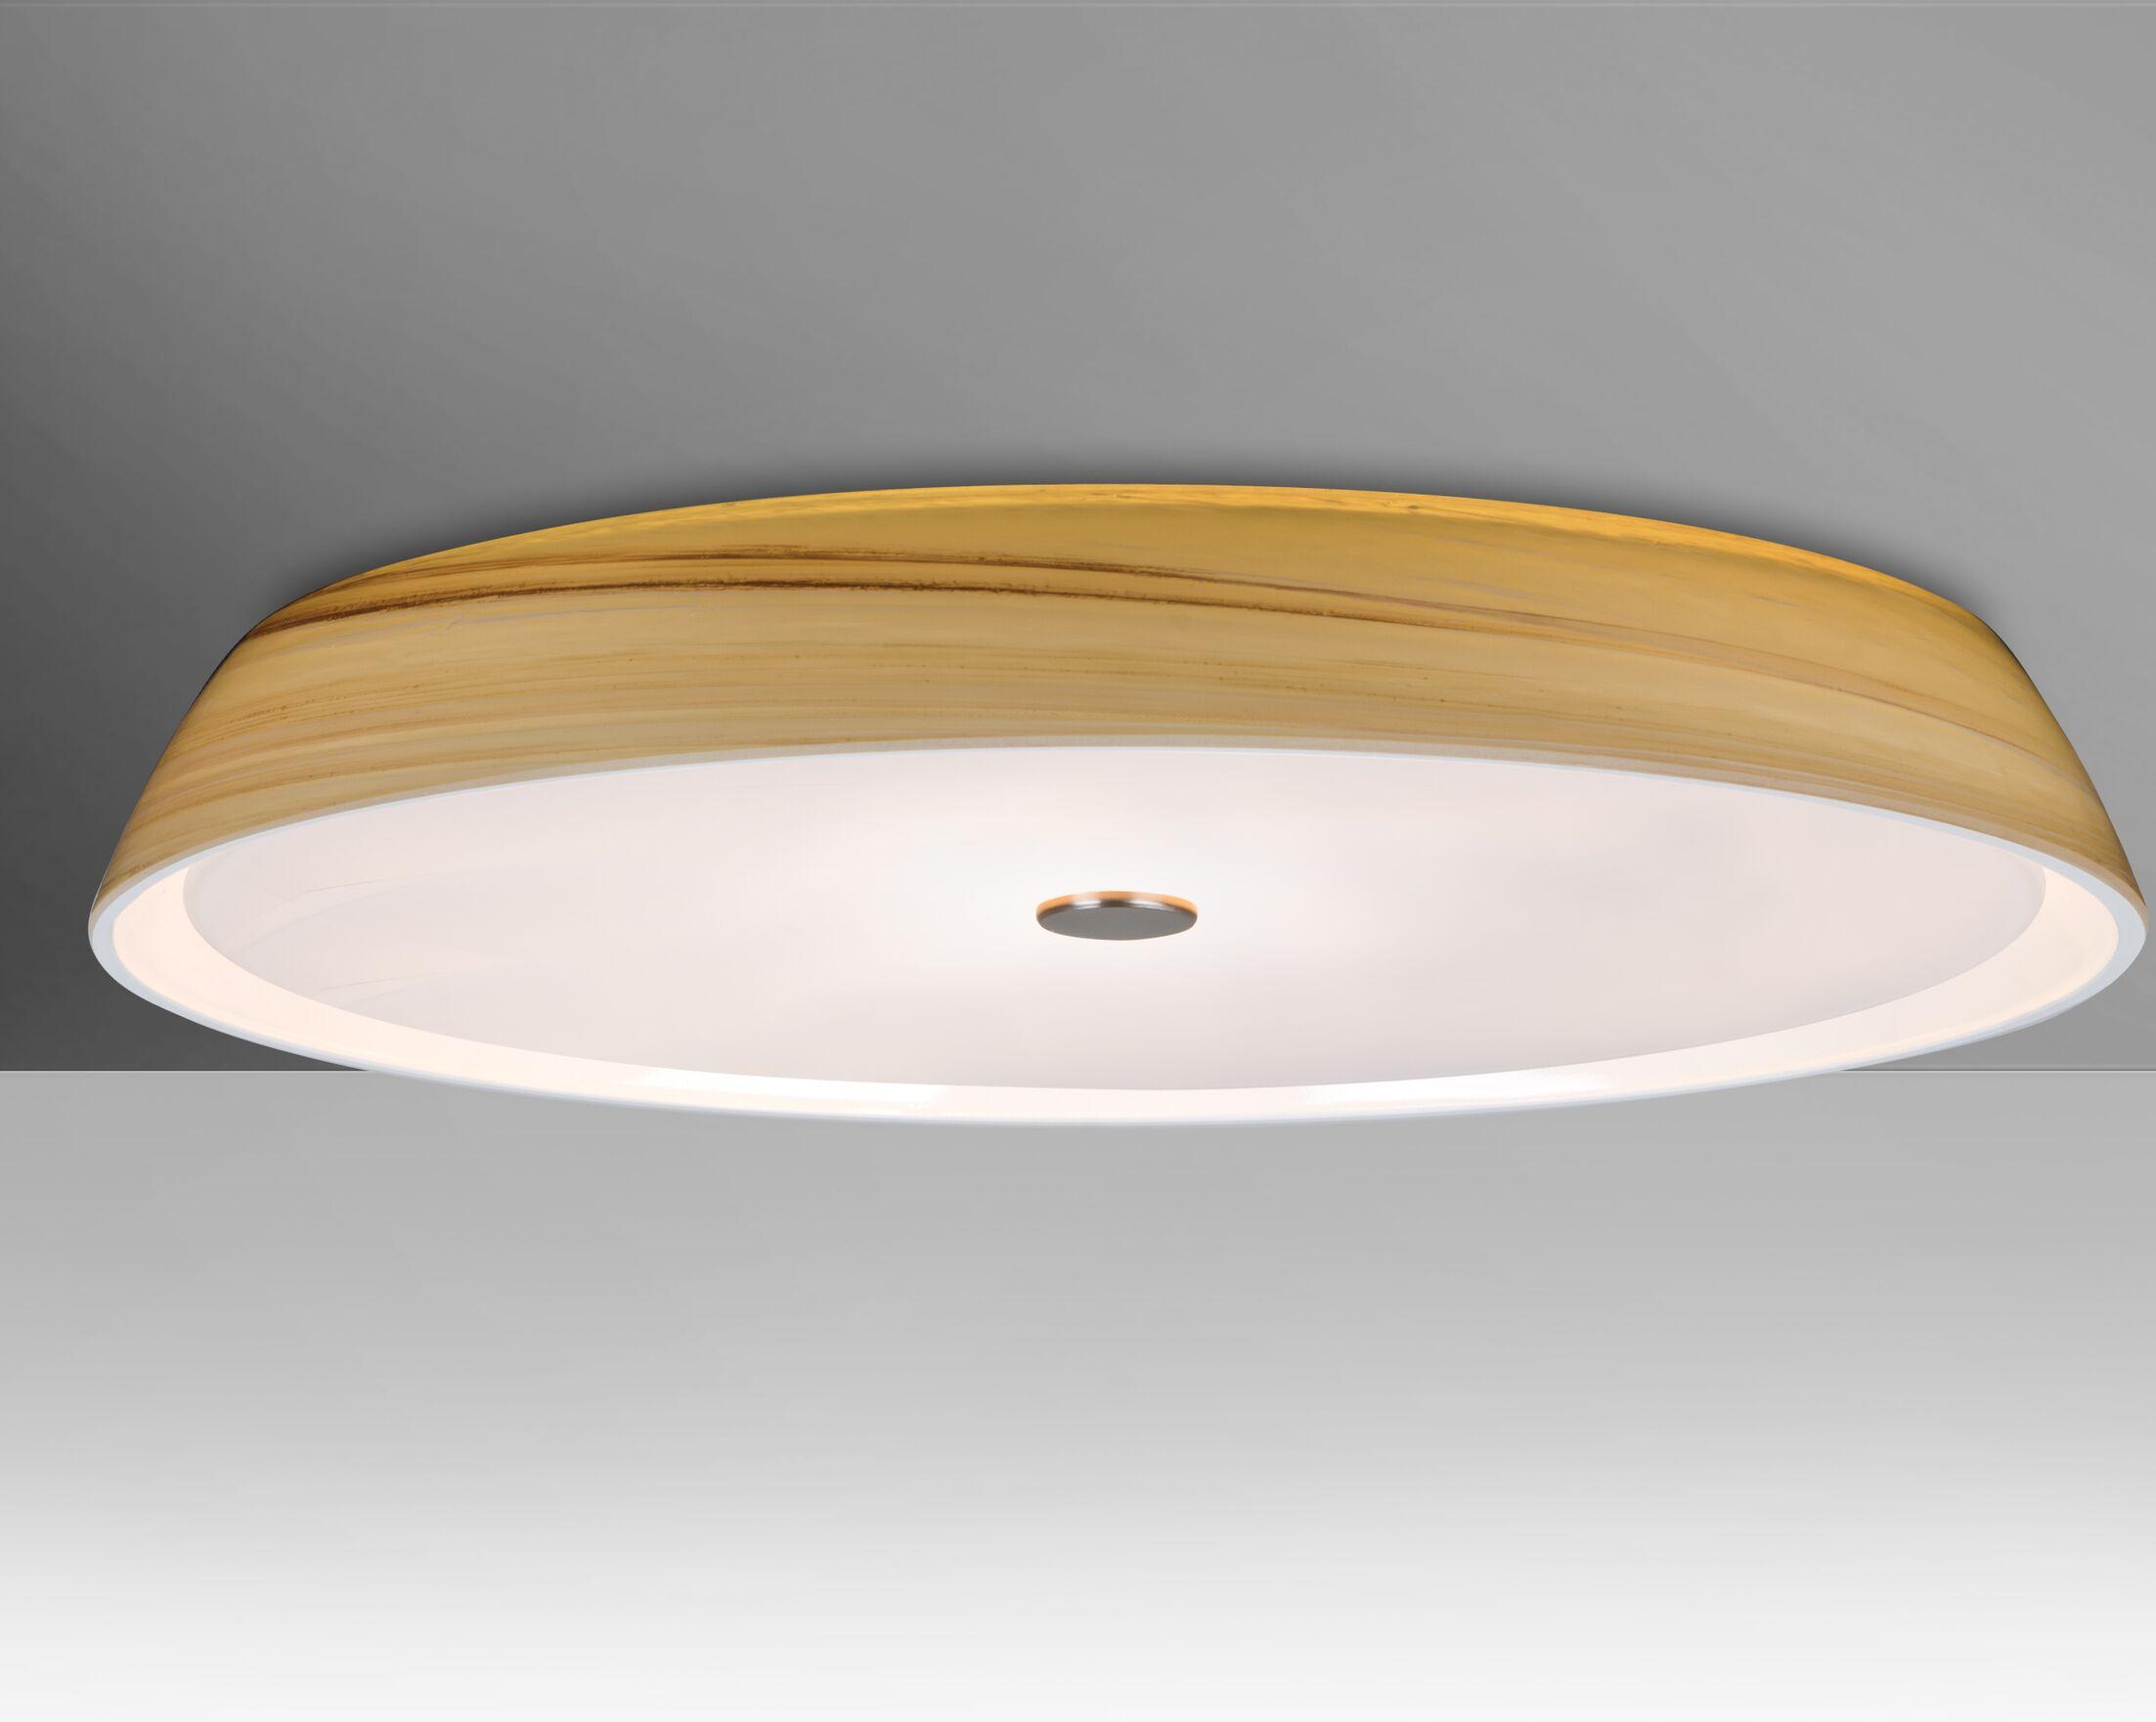 Speier 3-Light Flush Mount Shade Color: Cream, Bulb Type: Halogen